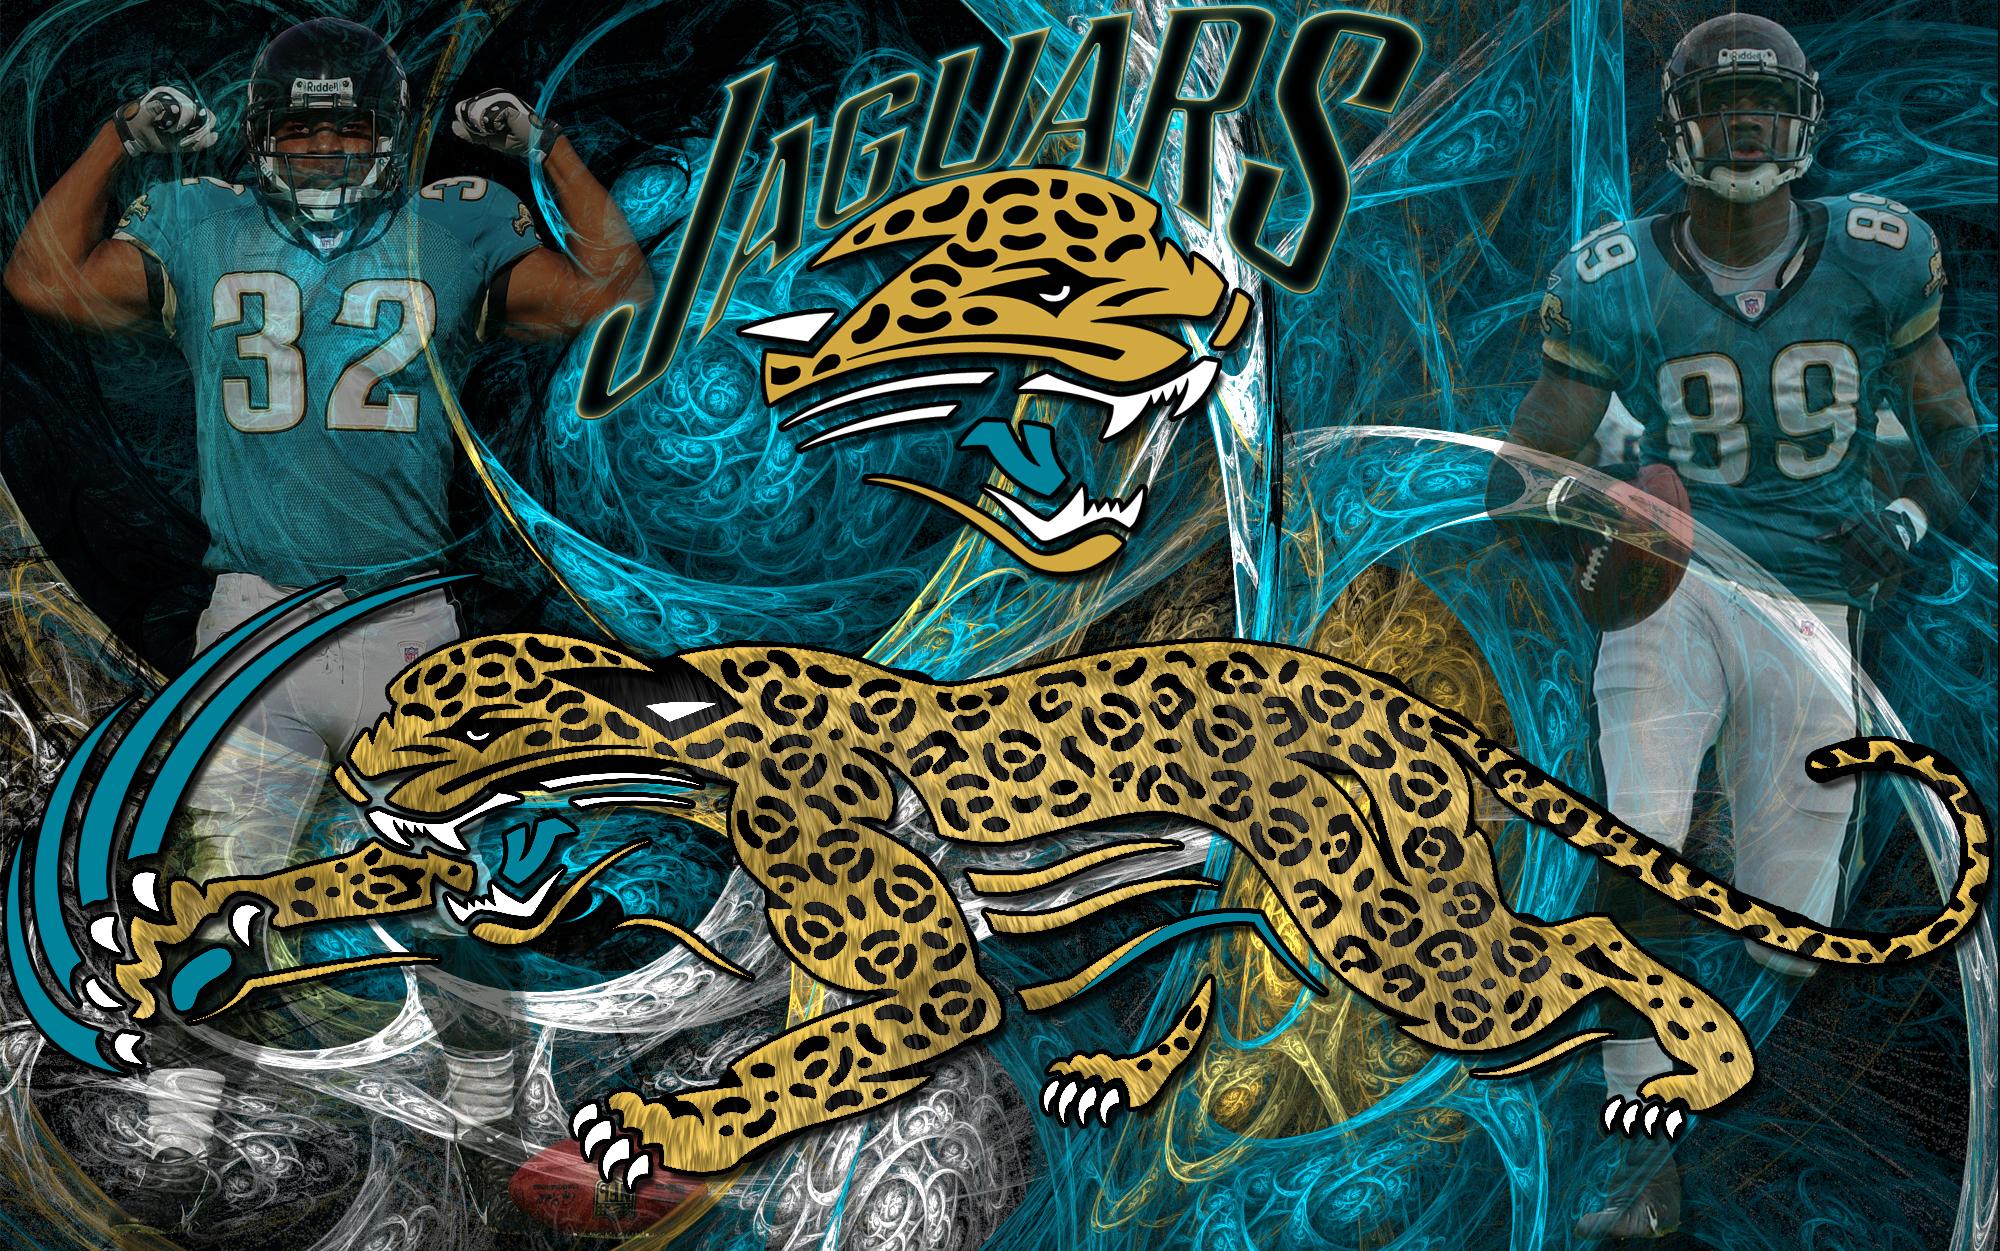 jacksonville jaguars wallpapers wallpapersafari